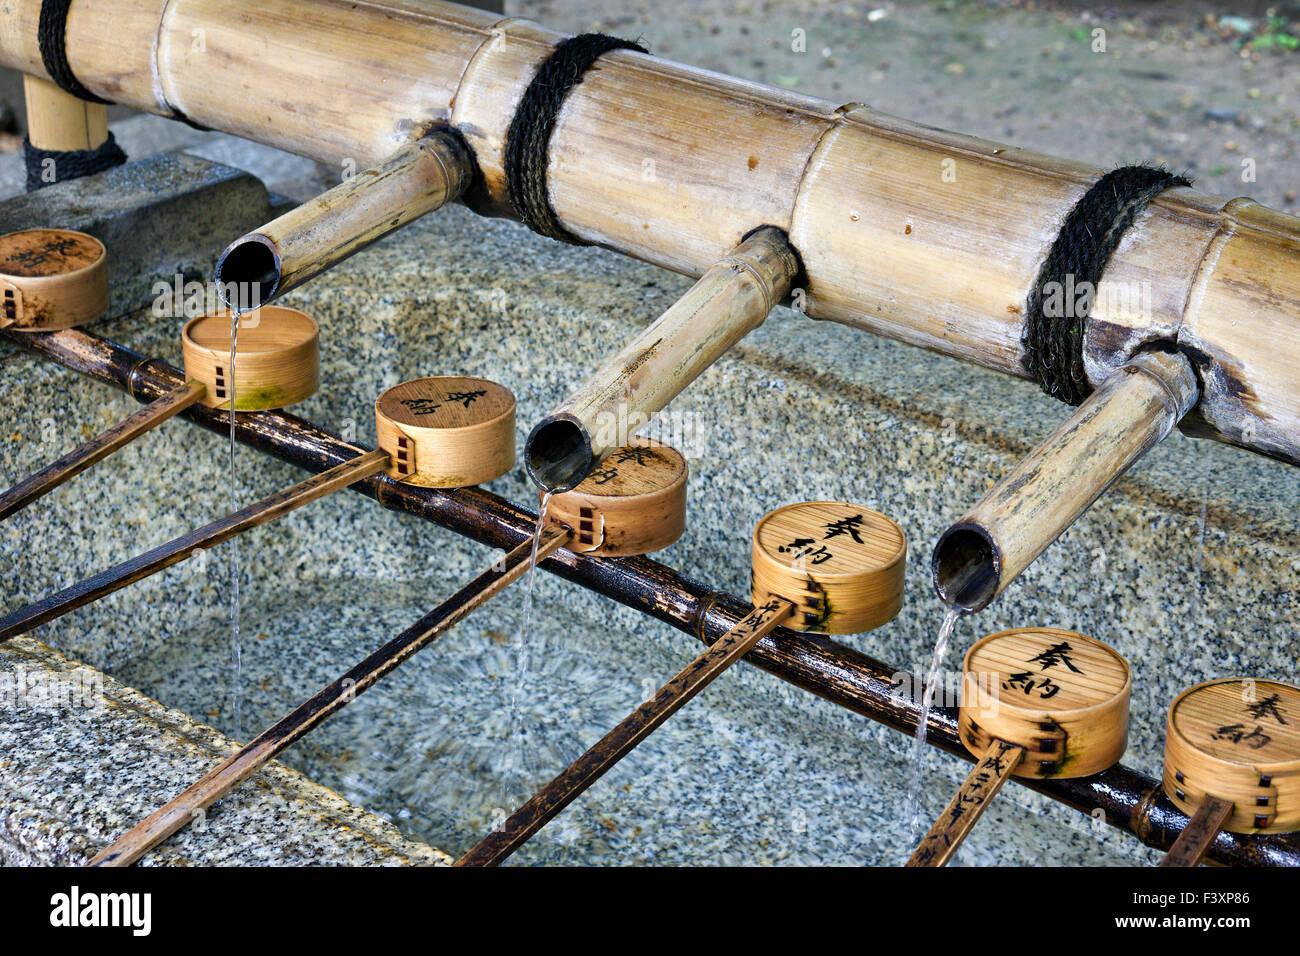 Giappone, isola di Honshu, Kansai, Kyoto, un font di purificazione di un sacrario scintoista. Immagini Stock